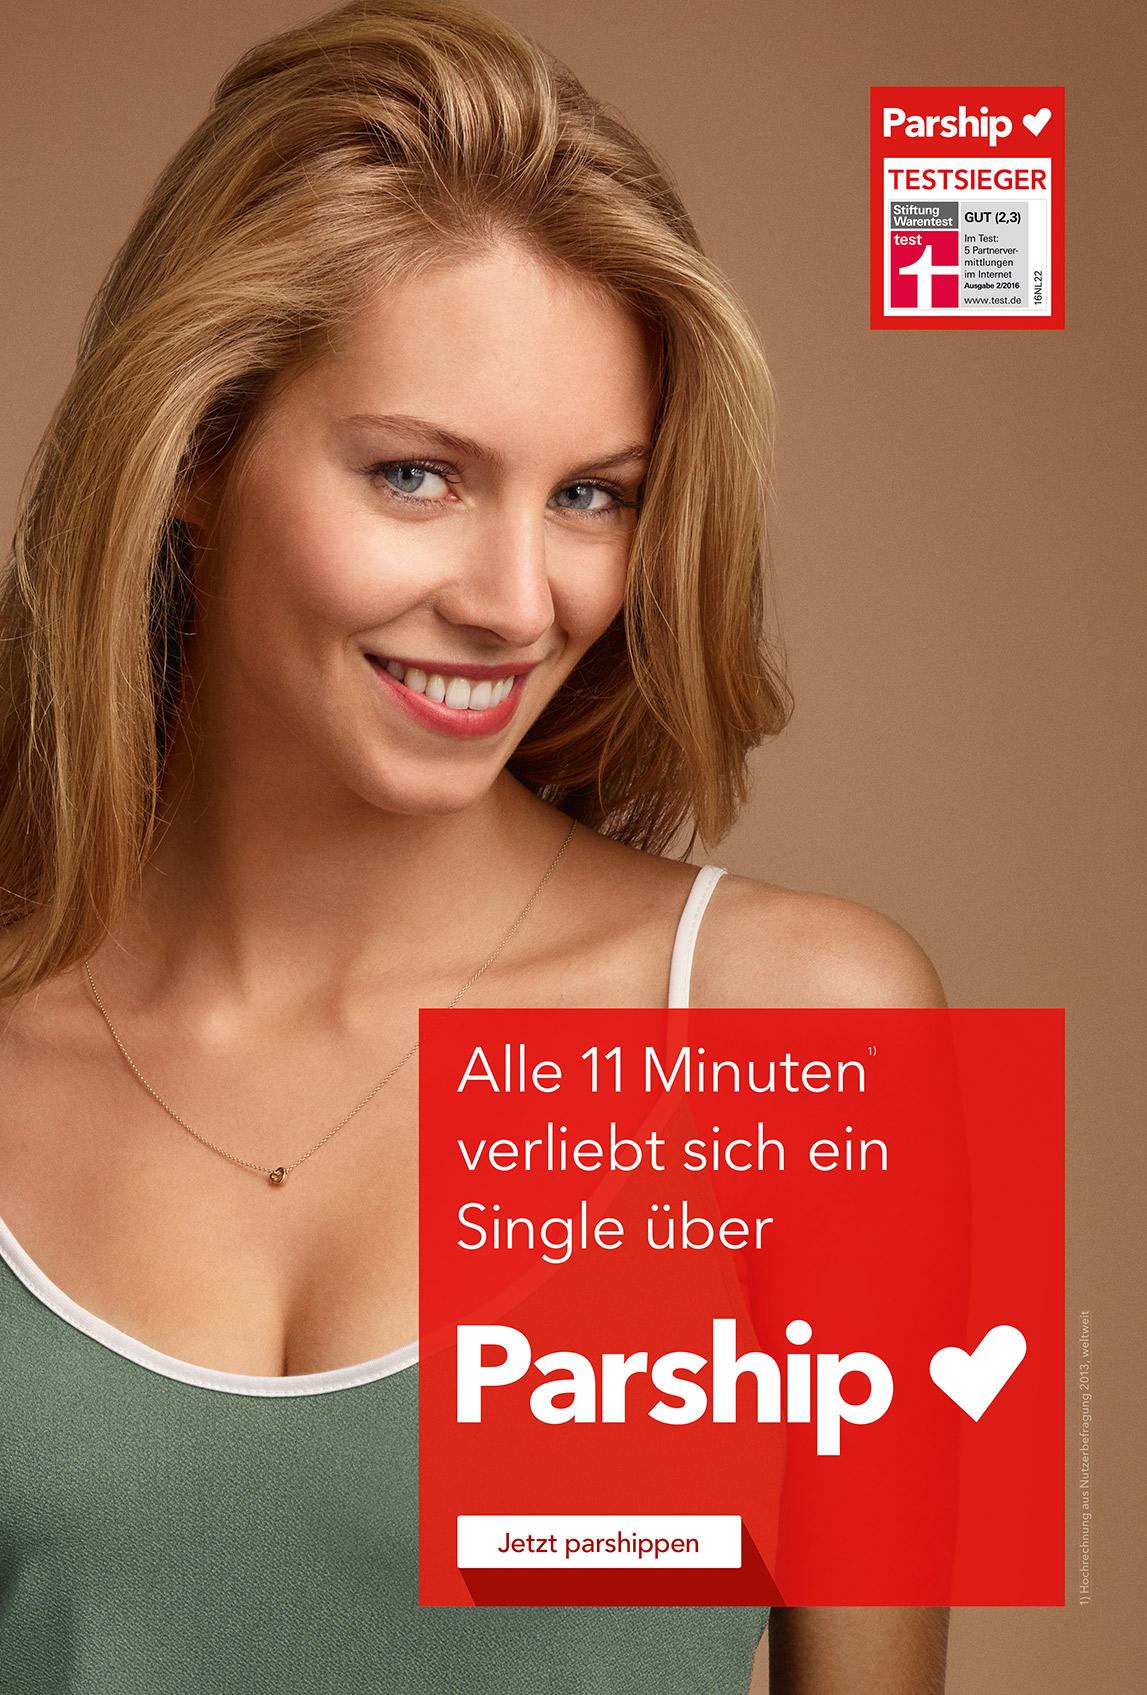 Parship.